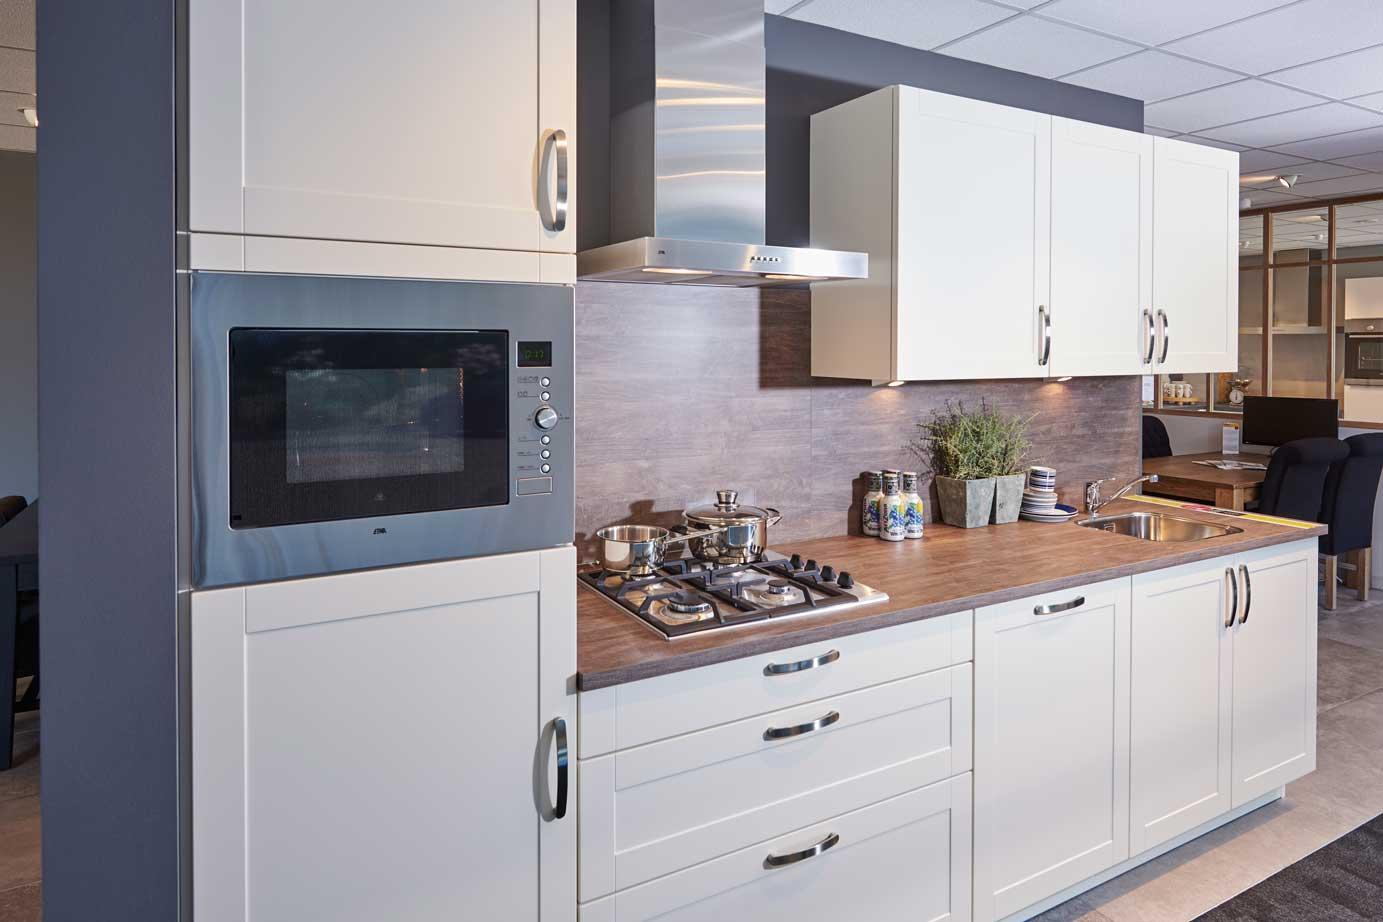 Tijdloze keuken, klein en goedkoop Met Etna apparatuur